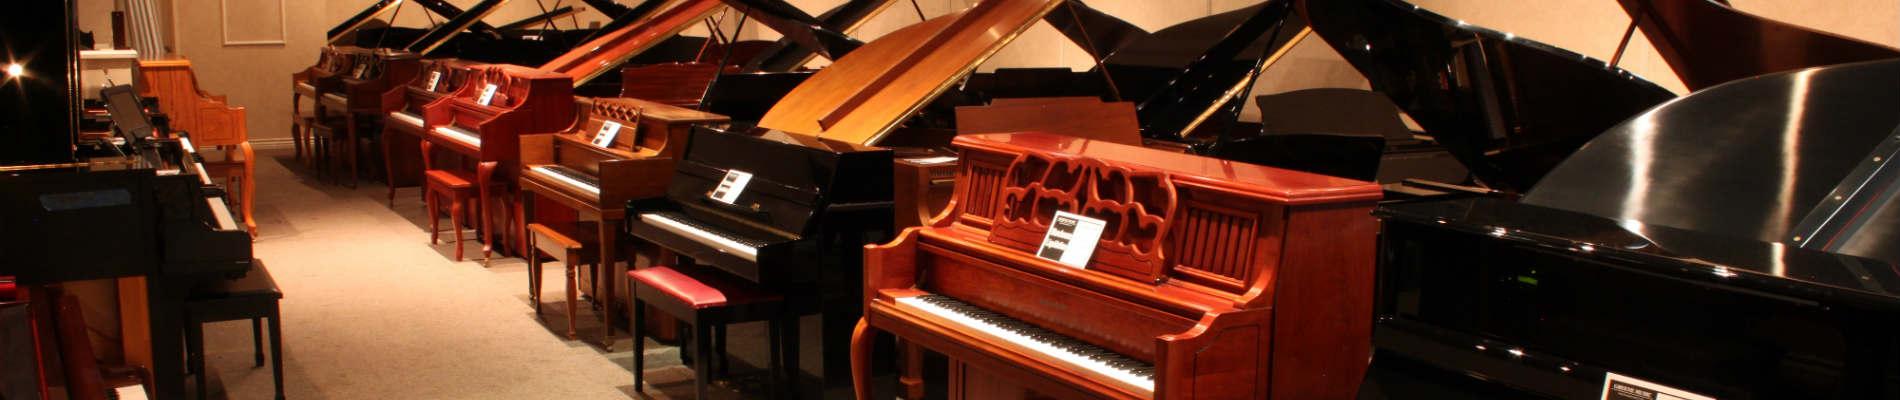 Used Pianos.jpg